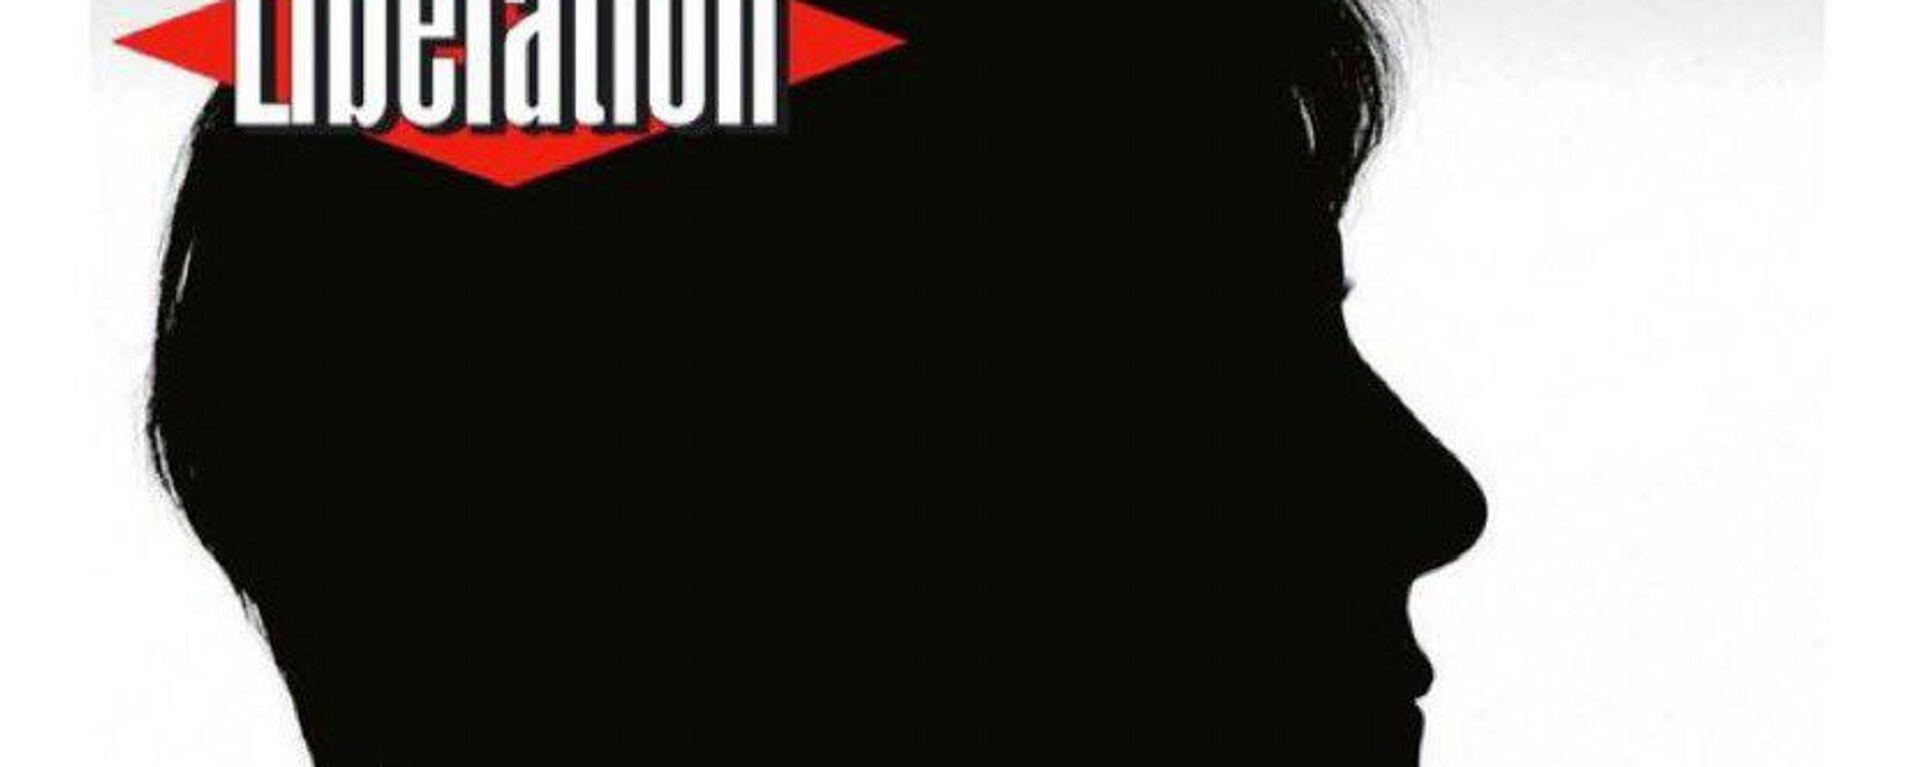 Η Μέρκελ στο εξώφυλλο της Liberation - Sputnik Ελλάδα, 1920, 21.09.2021